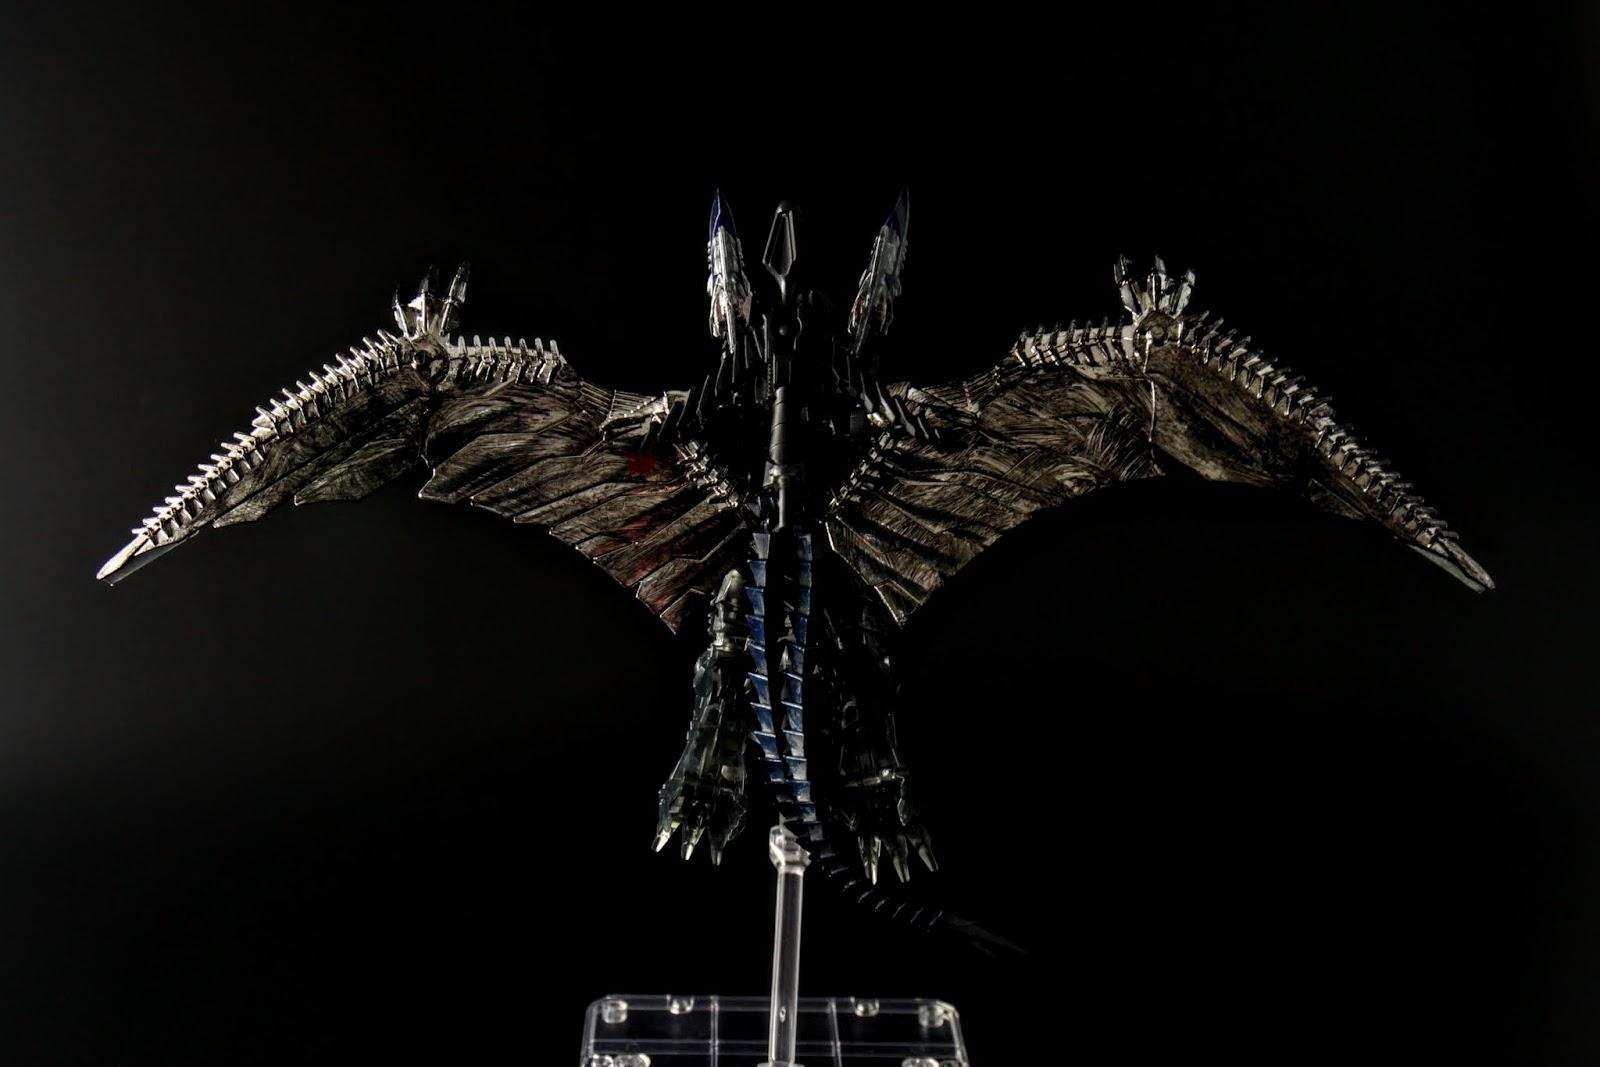 這乾刷塗裝的翅膀其實很好看